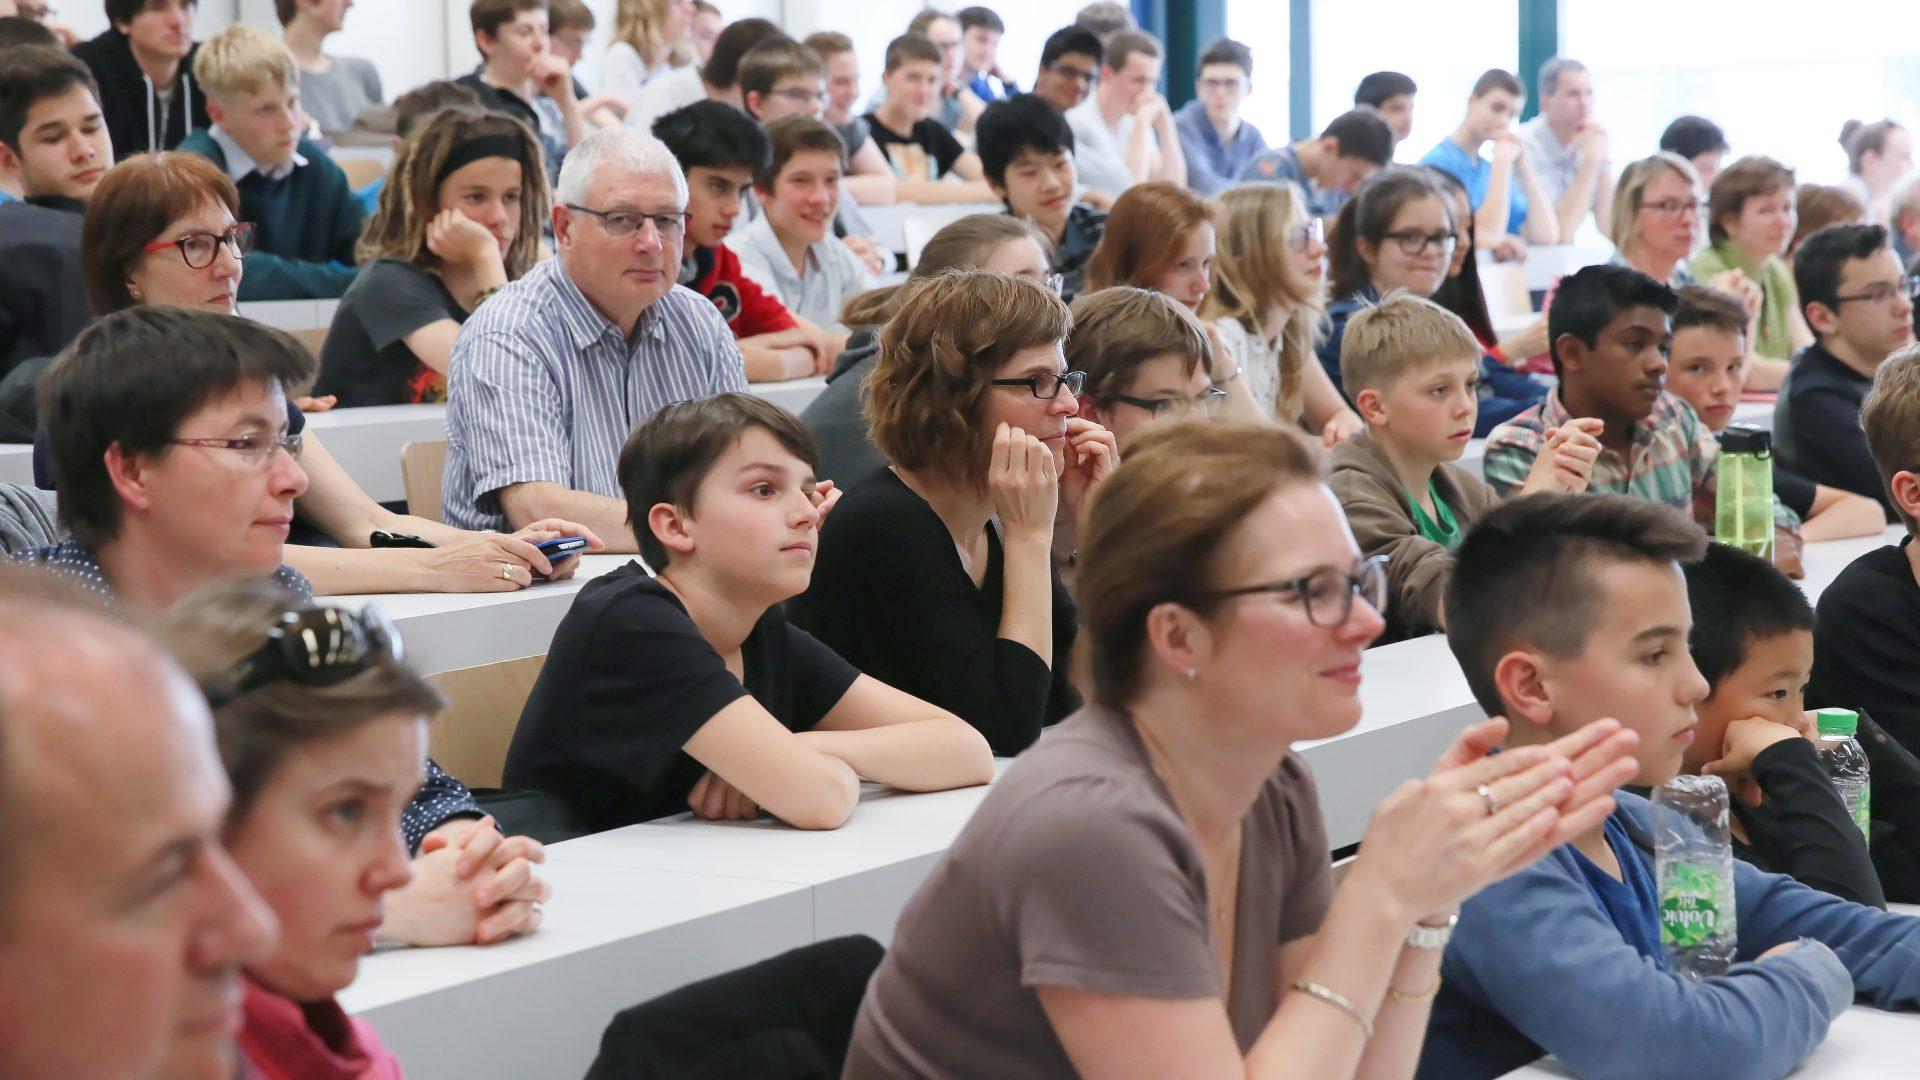 Une salle de cours à l'EPFL. Plusieurs personnes assises